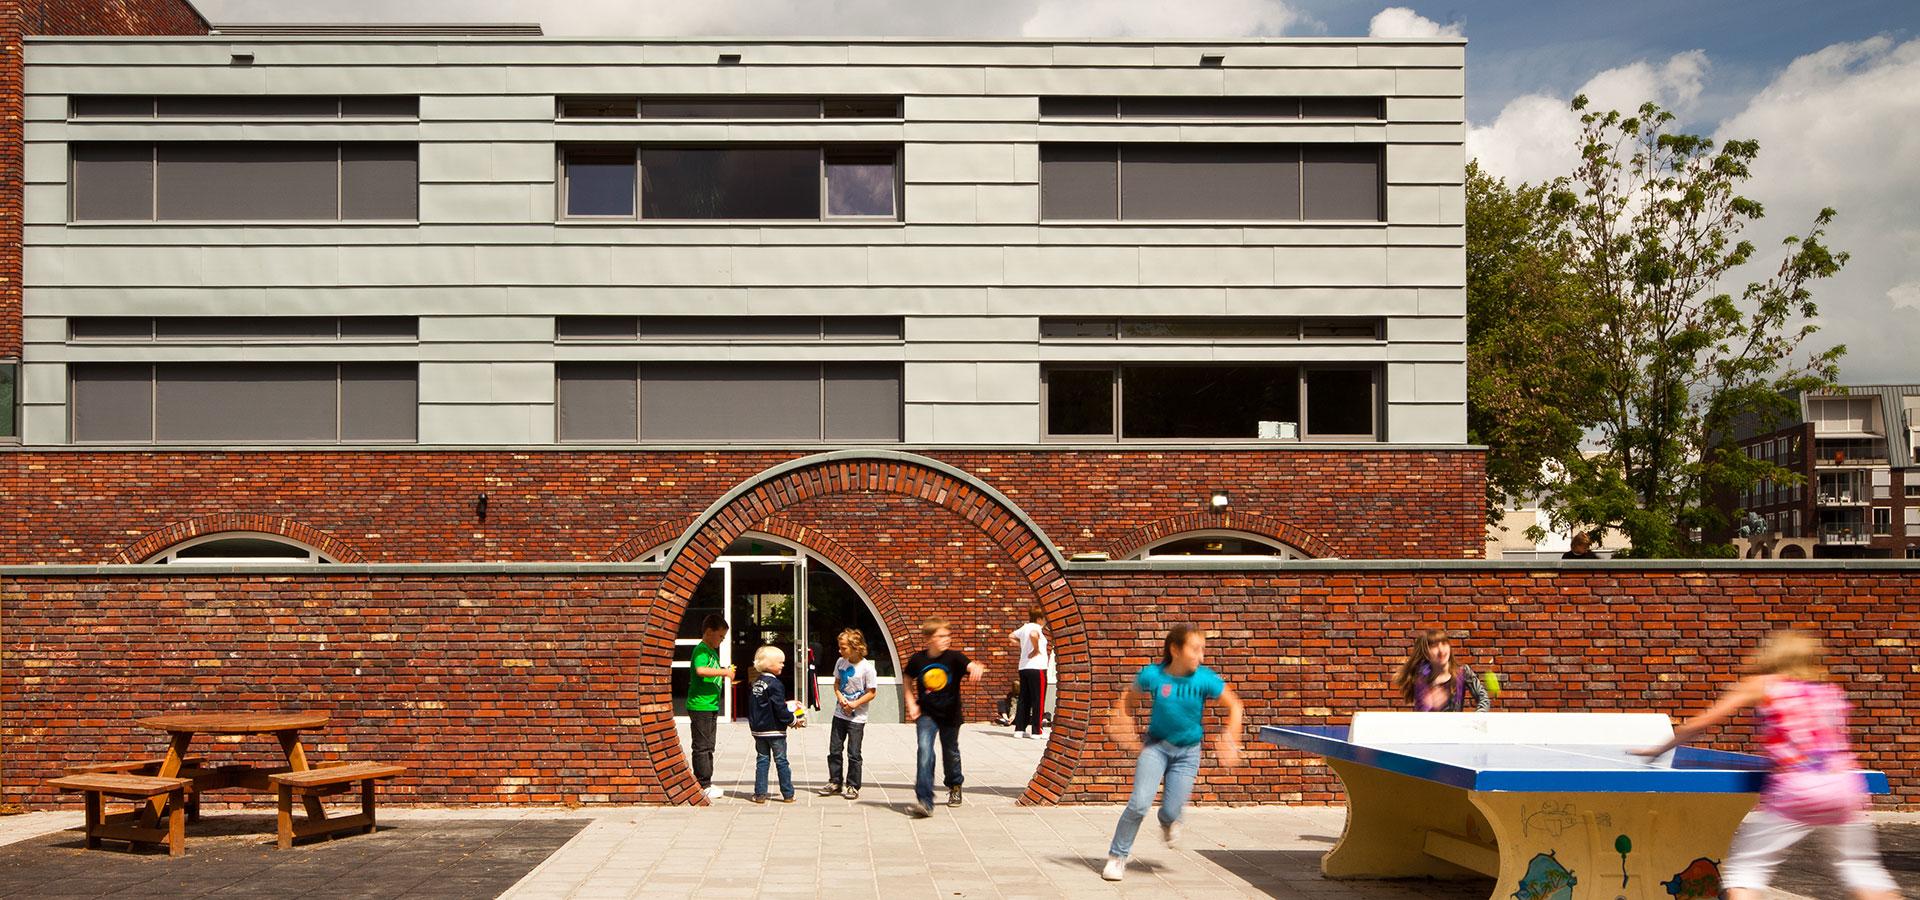 FARO architecten Bonifaciusschool Alphen aan den Rijn 13